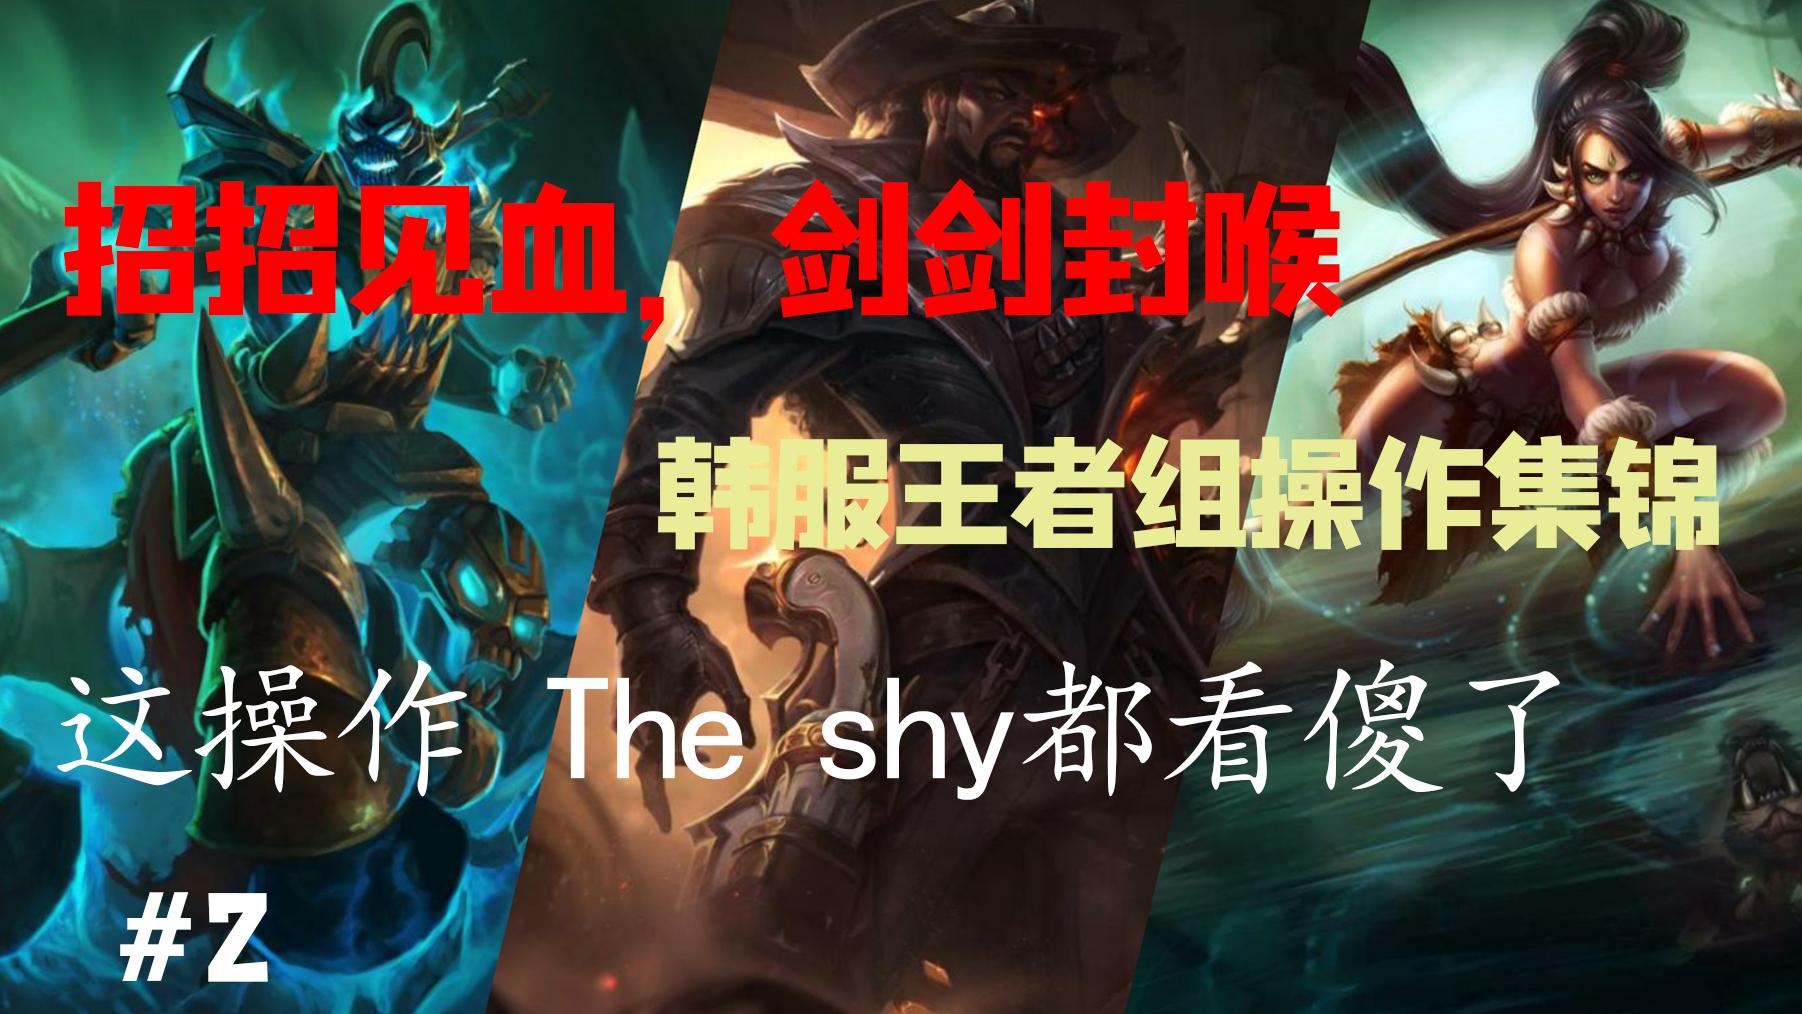 【韩服王者组】招招见血,剑剑封喉;韩服王者,恐怖如斯    The shy,Faker领衔